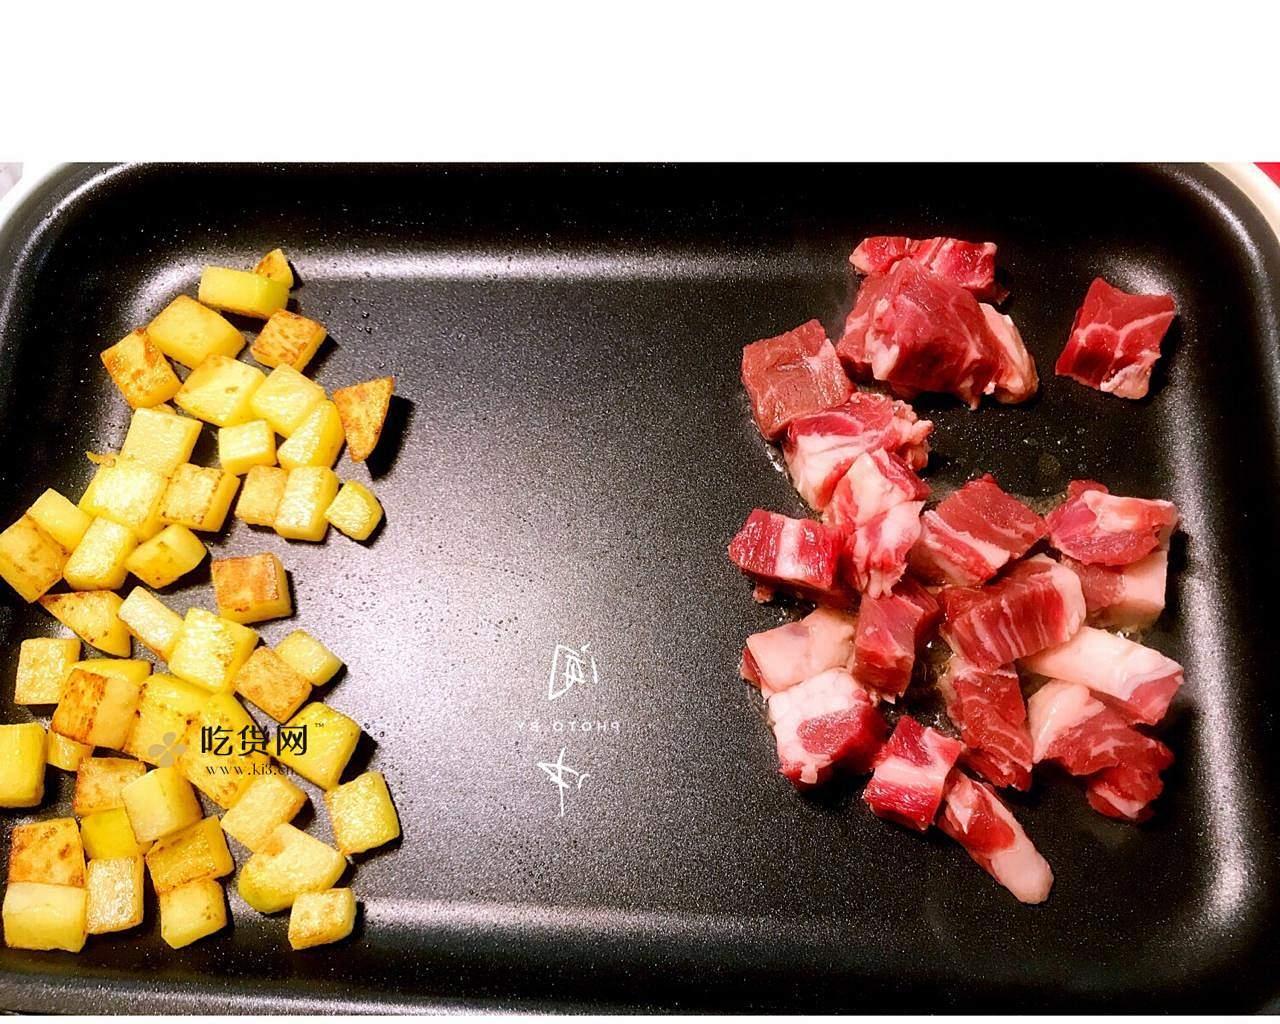 眼肉牛排便当®SUNVALLEY®太阳谷牛排攻略的做法 步骤4